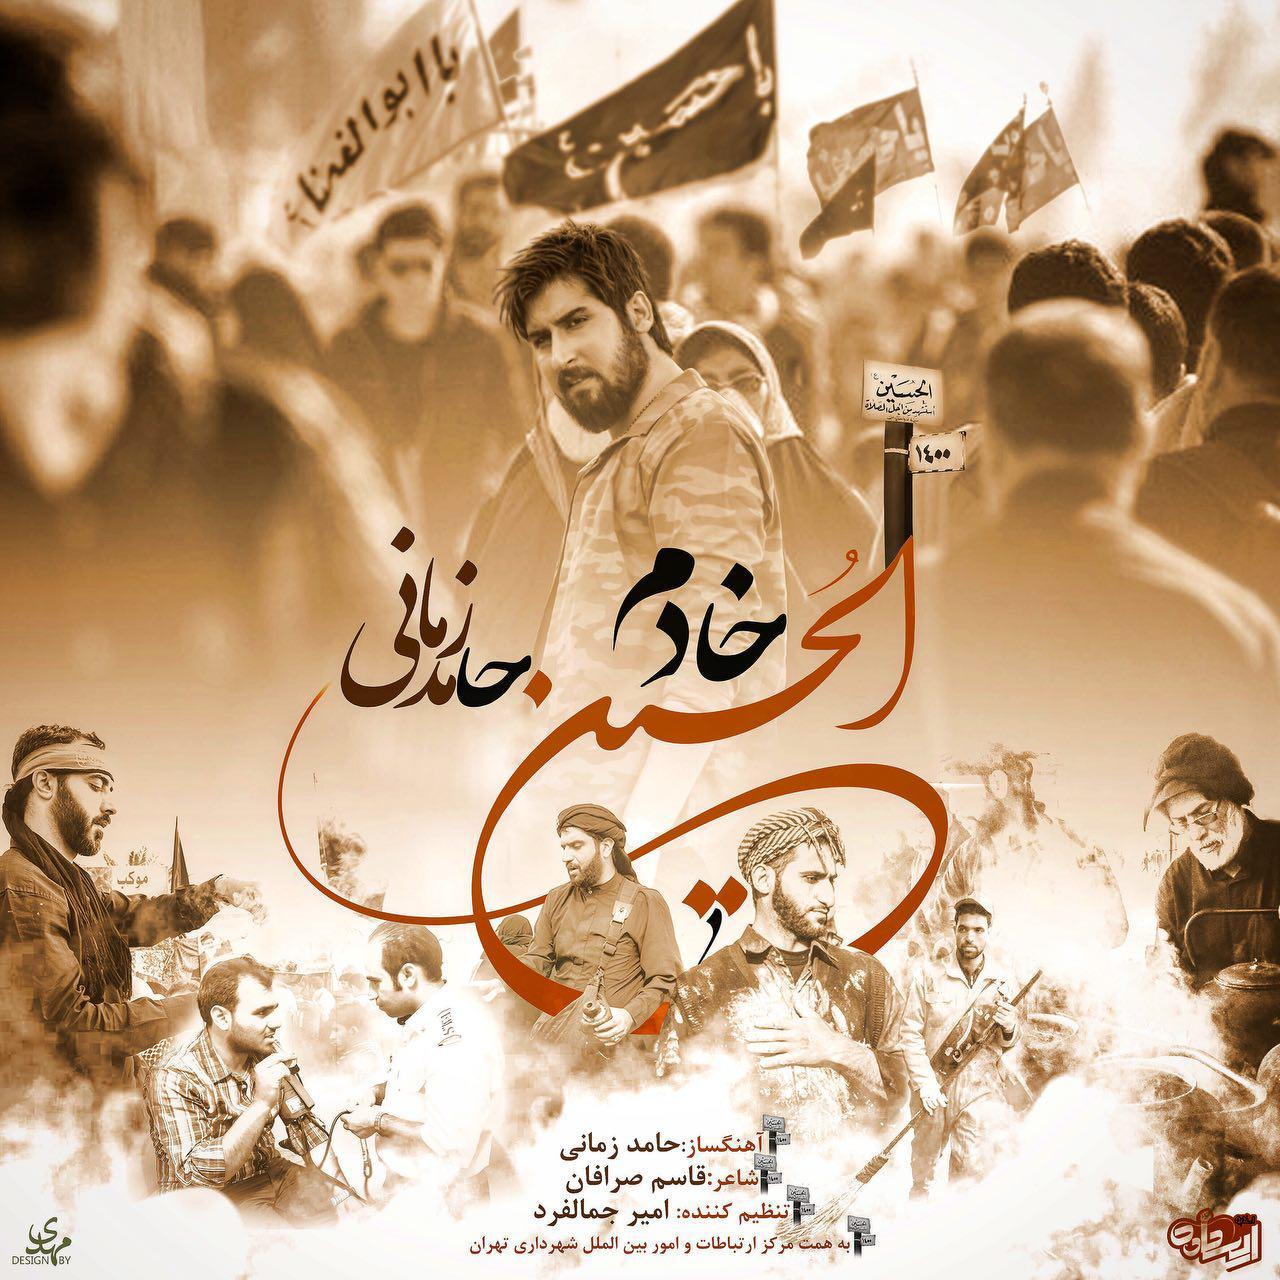 """دانلود آهنگ جدید حامد زمانی """"خادم الحسین"""" – با کیفیت عالی"""